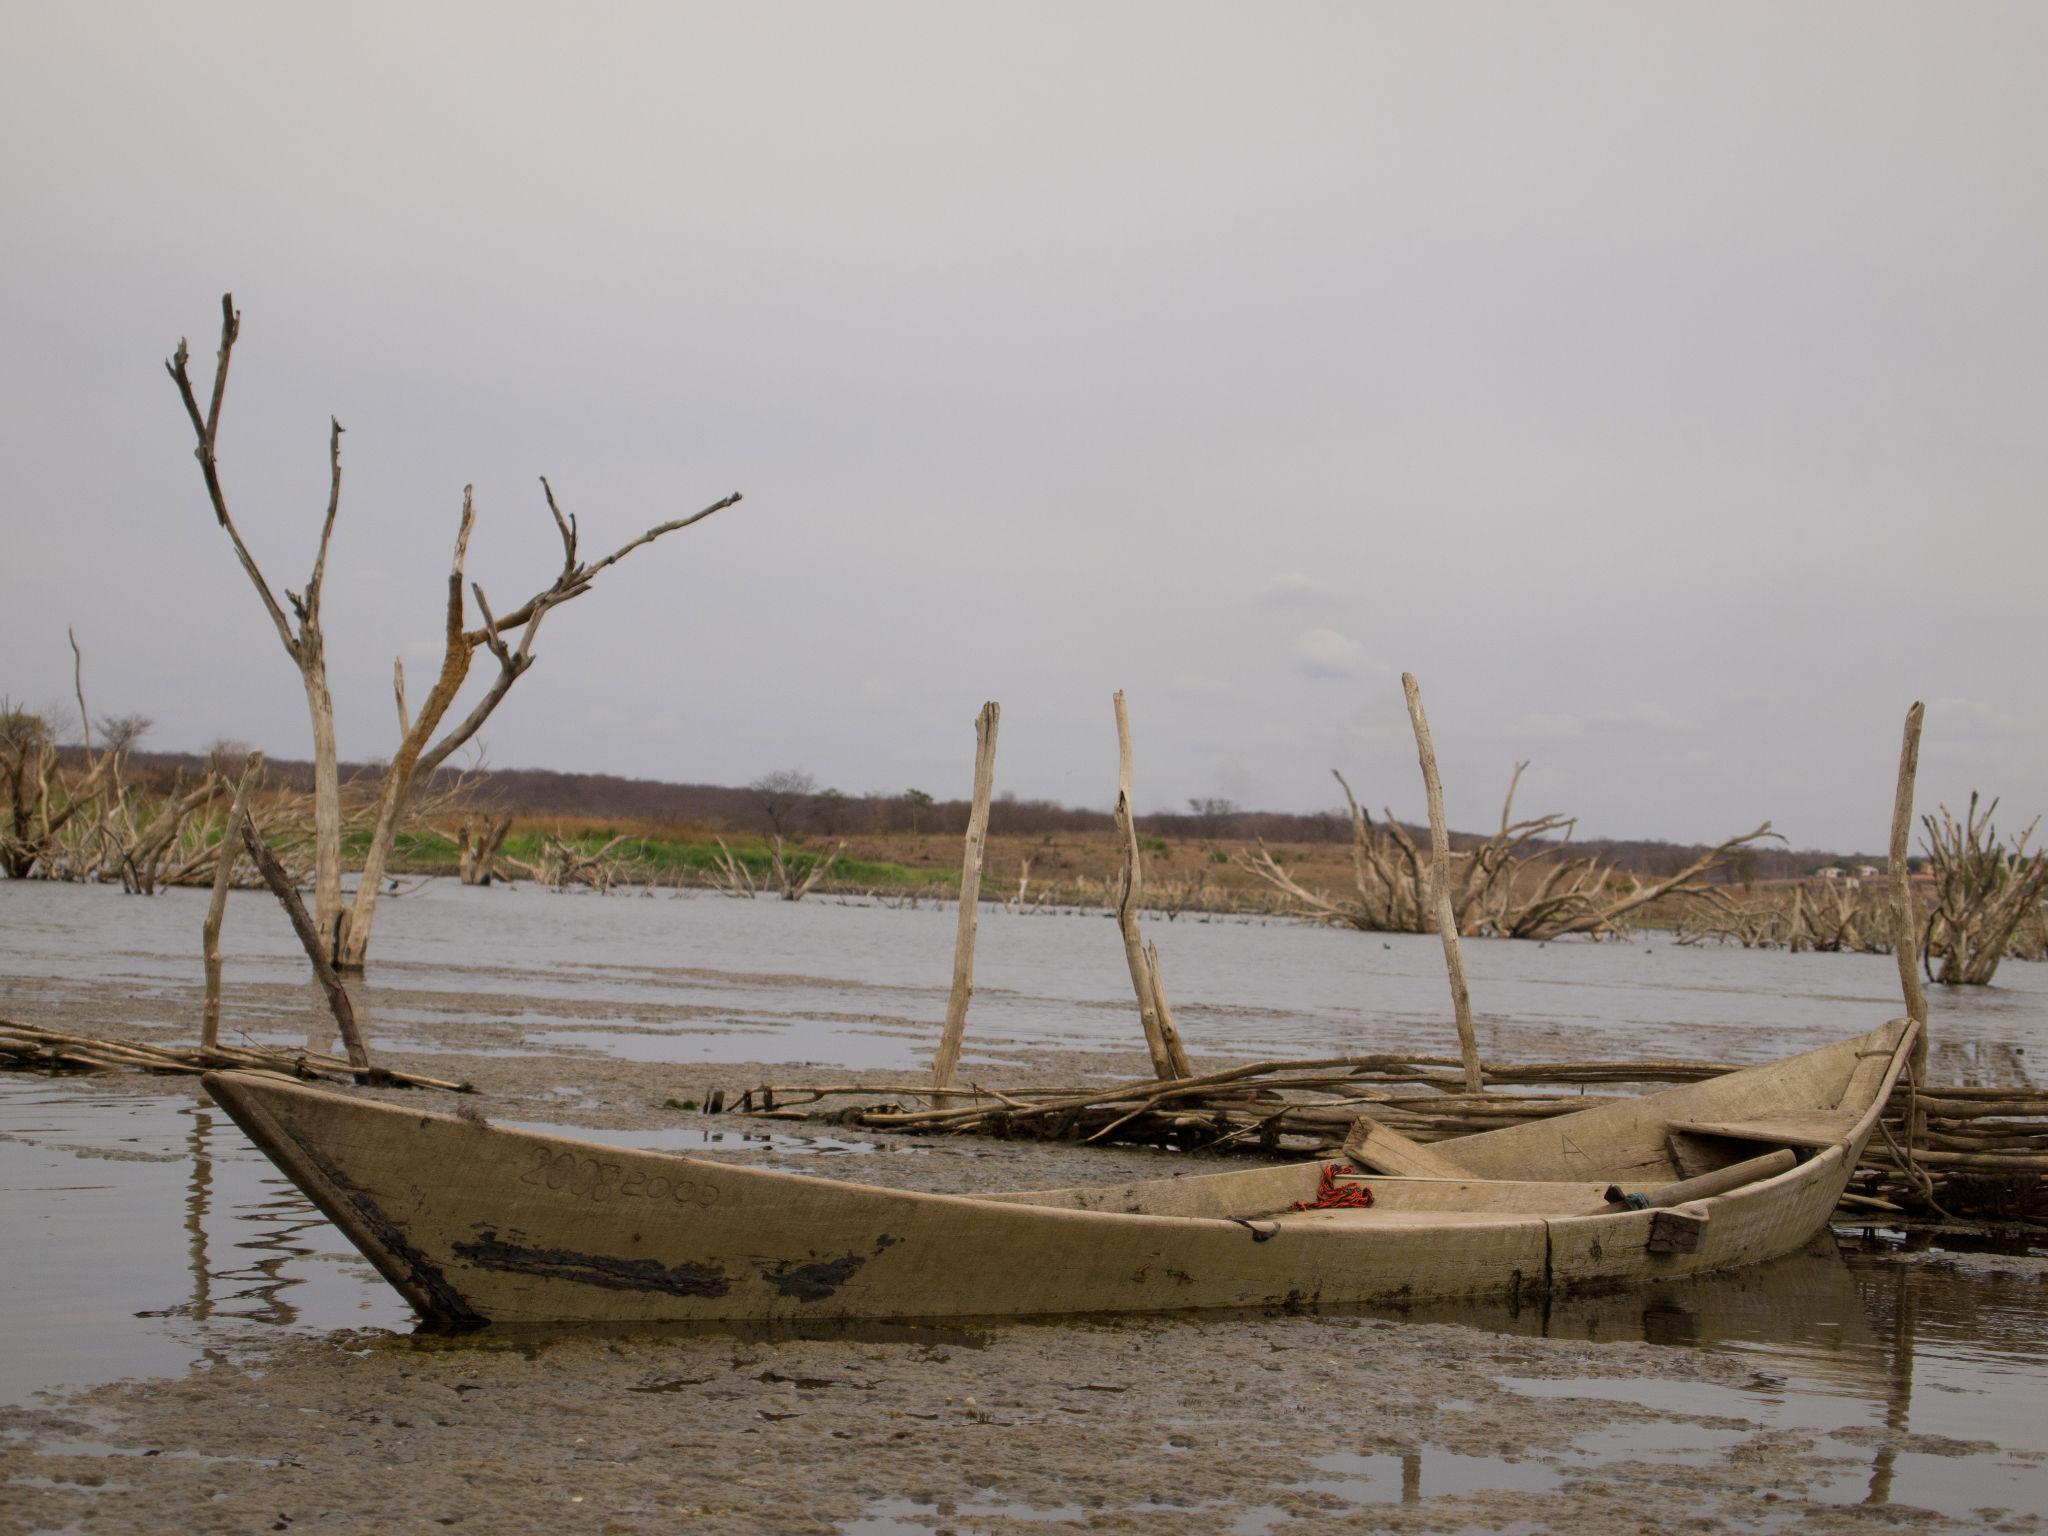 Mais um município do Ceará teve estado de emergência decretado, de acordo com publicação na última sexta-feira (9), no Diário Oficial da União.